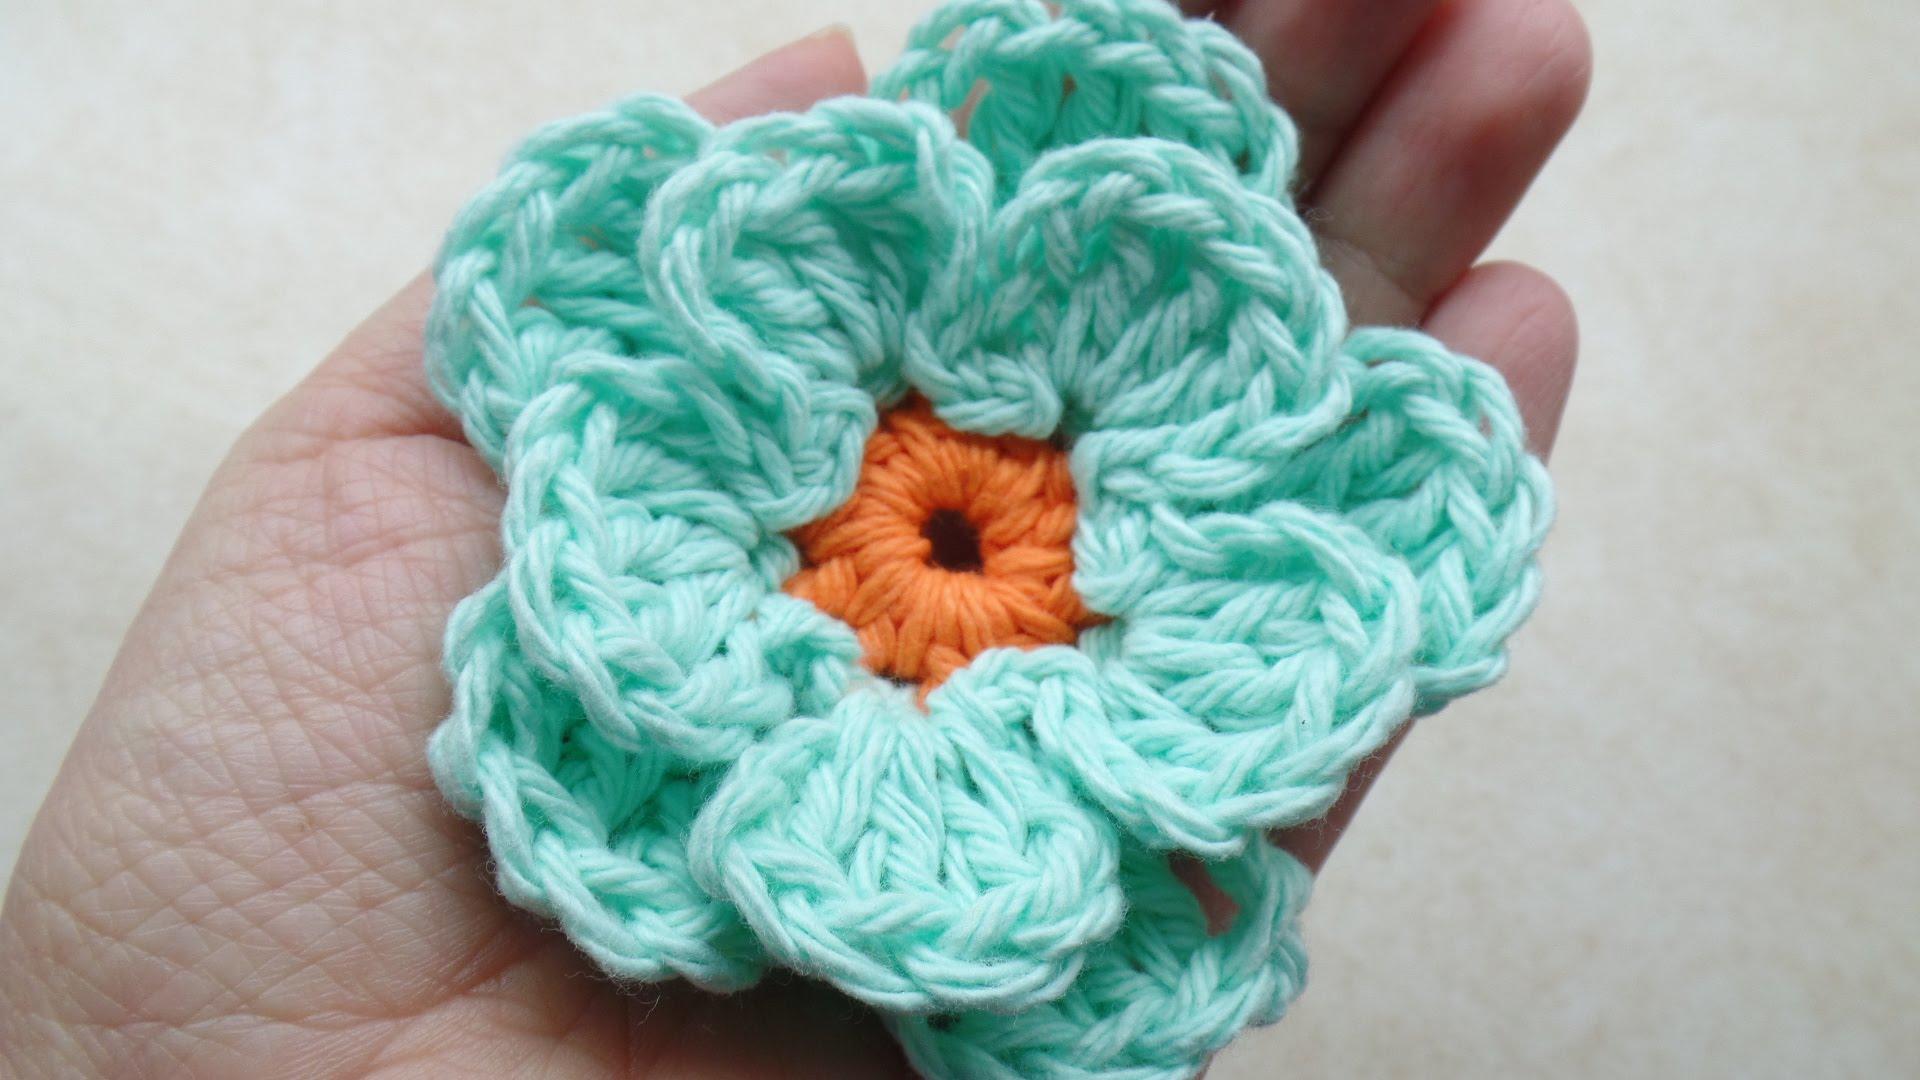 easy crochet flower crochet how to #crochet easy flower #tutorial #217 learn crochet - youtube rkczbvh